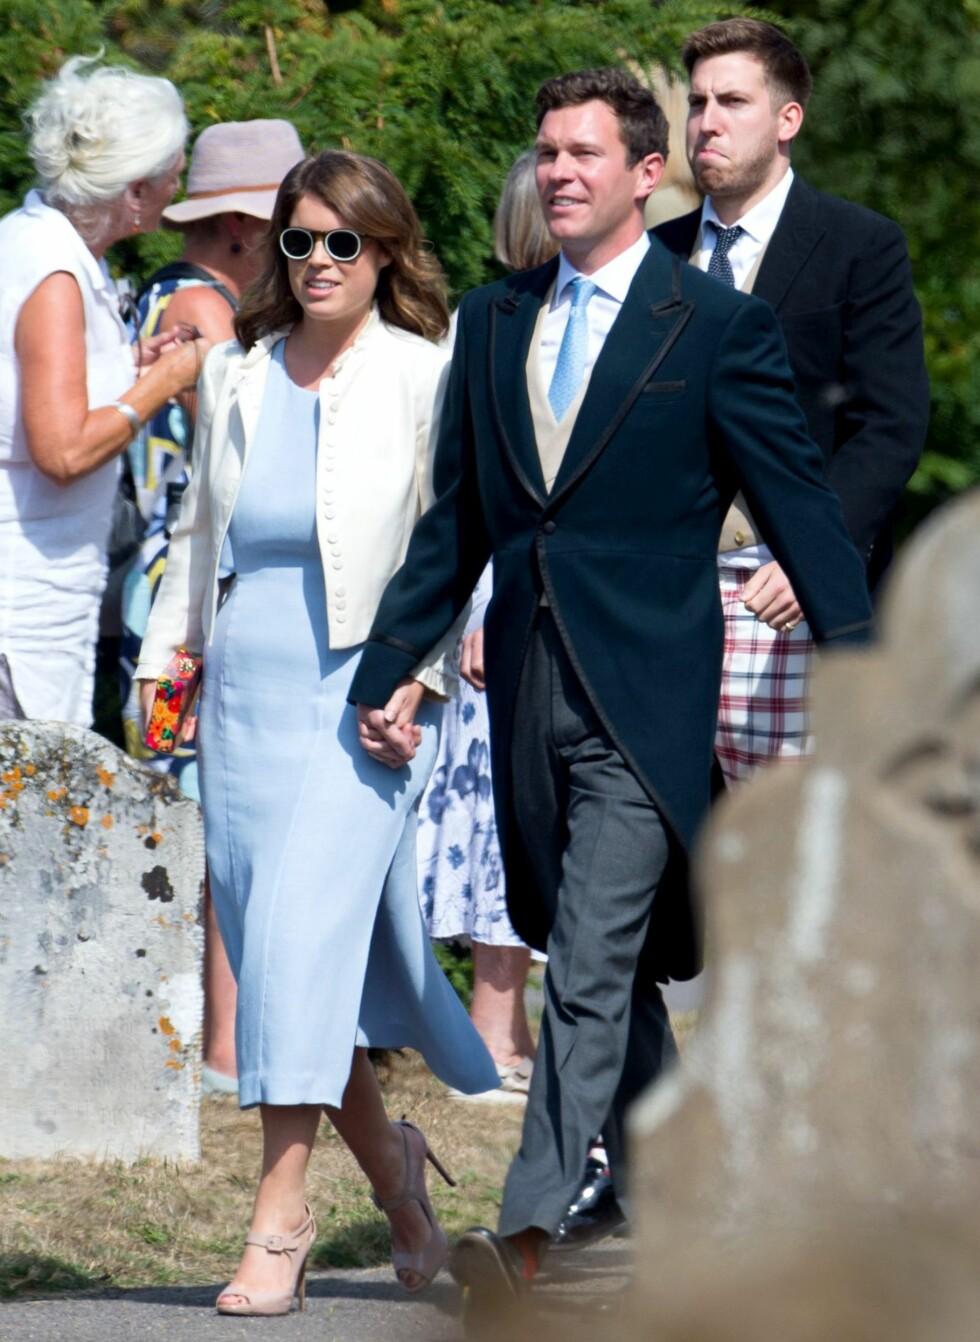 NESTE PAR UT: Eugenie og Jack var til stede da Daisy Jenks og Charlie van Straubenzee - en av prins Harrys beste venner - giftet seg i august 2018. Om to måneder er det Eugenie og Jacks tur. FOTO: NTB Scanpix